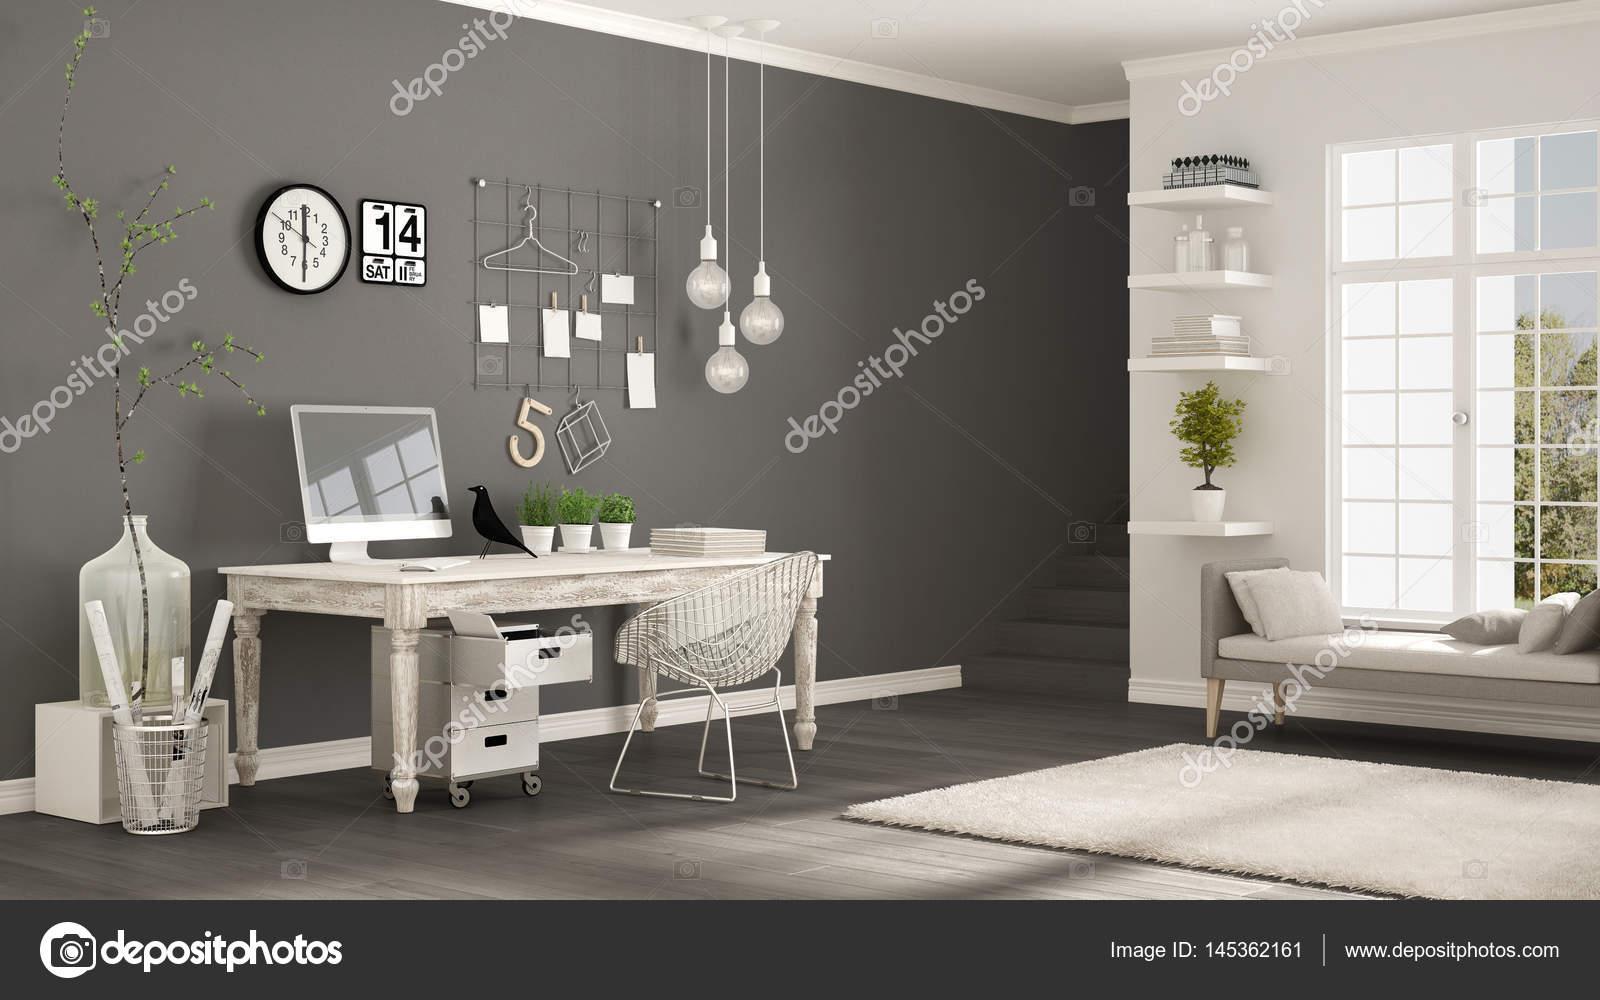 Camere Bianche E Grigie : Casa lavoro scandinavo camera bianca e grigia ufficio dangolo